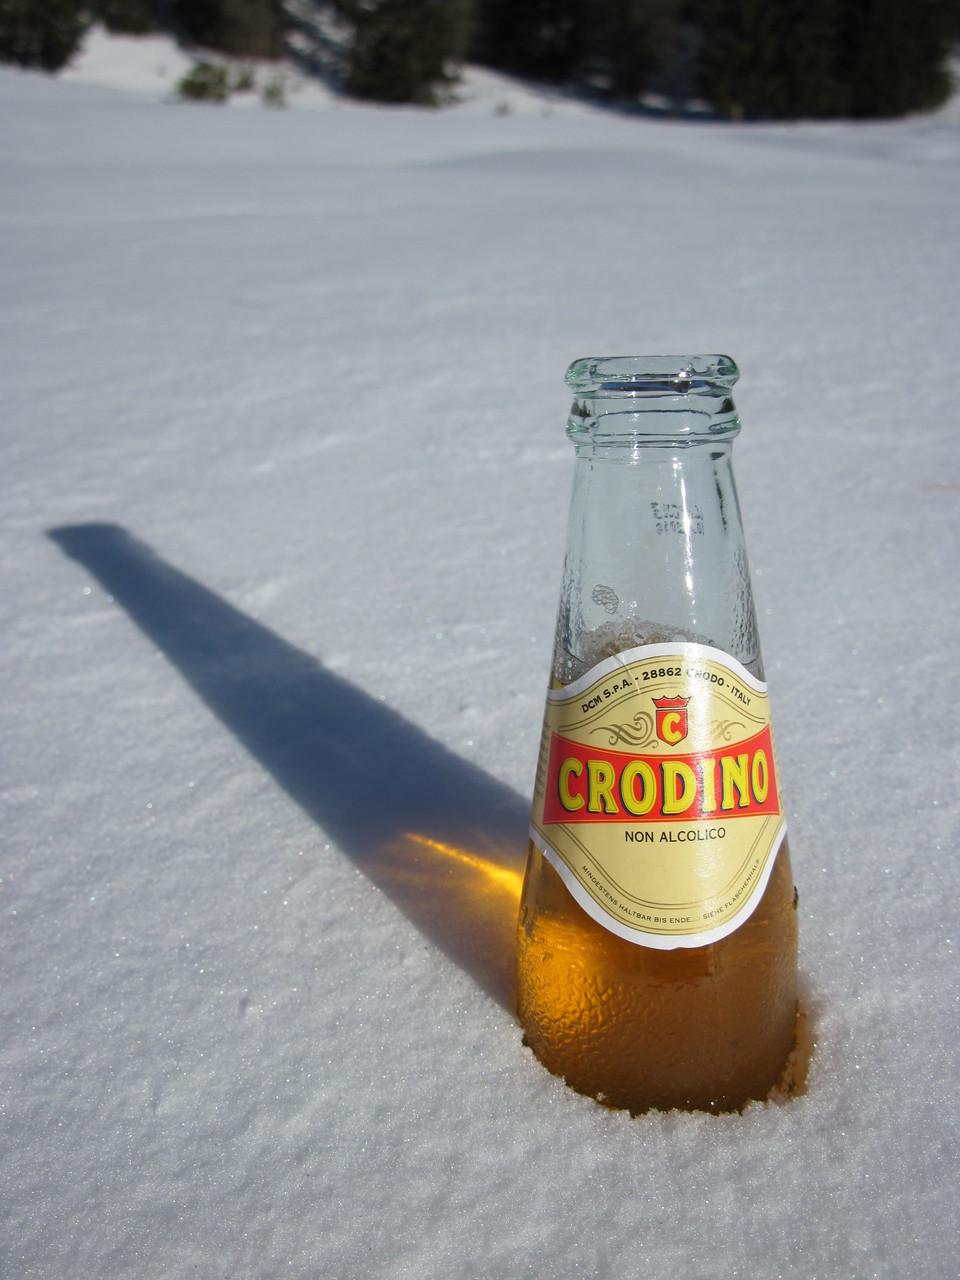 Crodino - Frisch gekühlt!